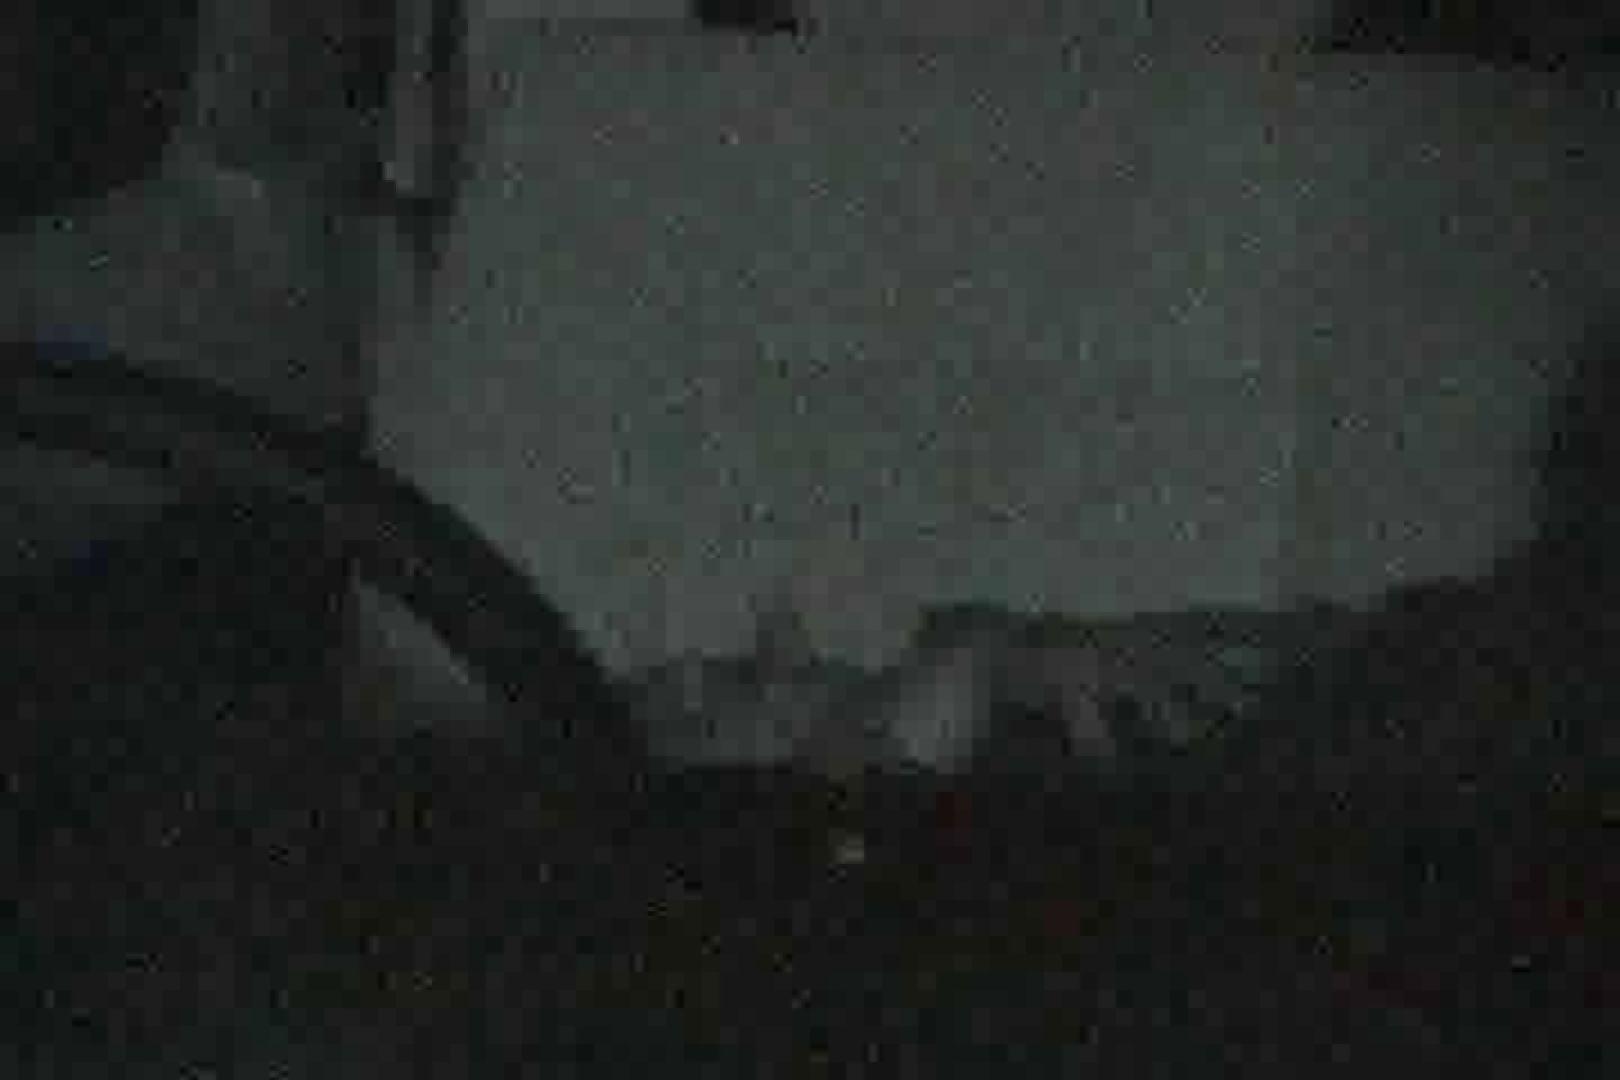 充血監督の深夜の運動会Vol.2 美しいOLの裸体  84pic 4